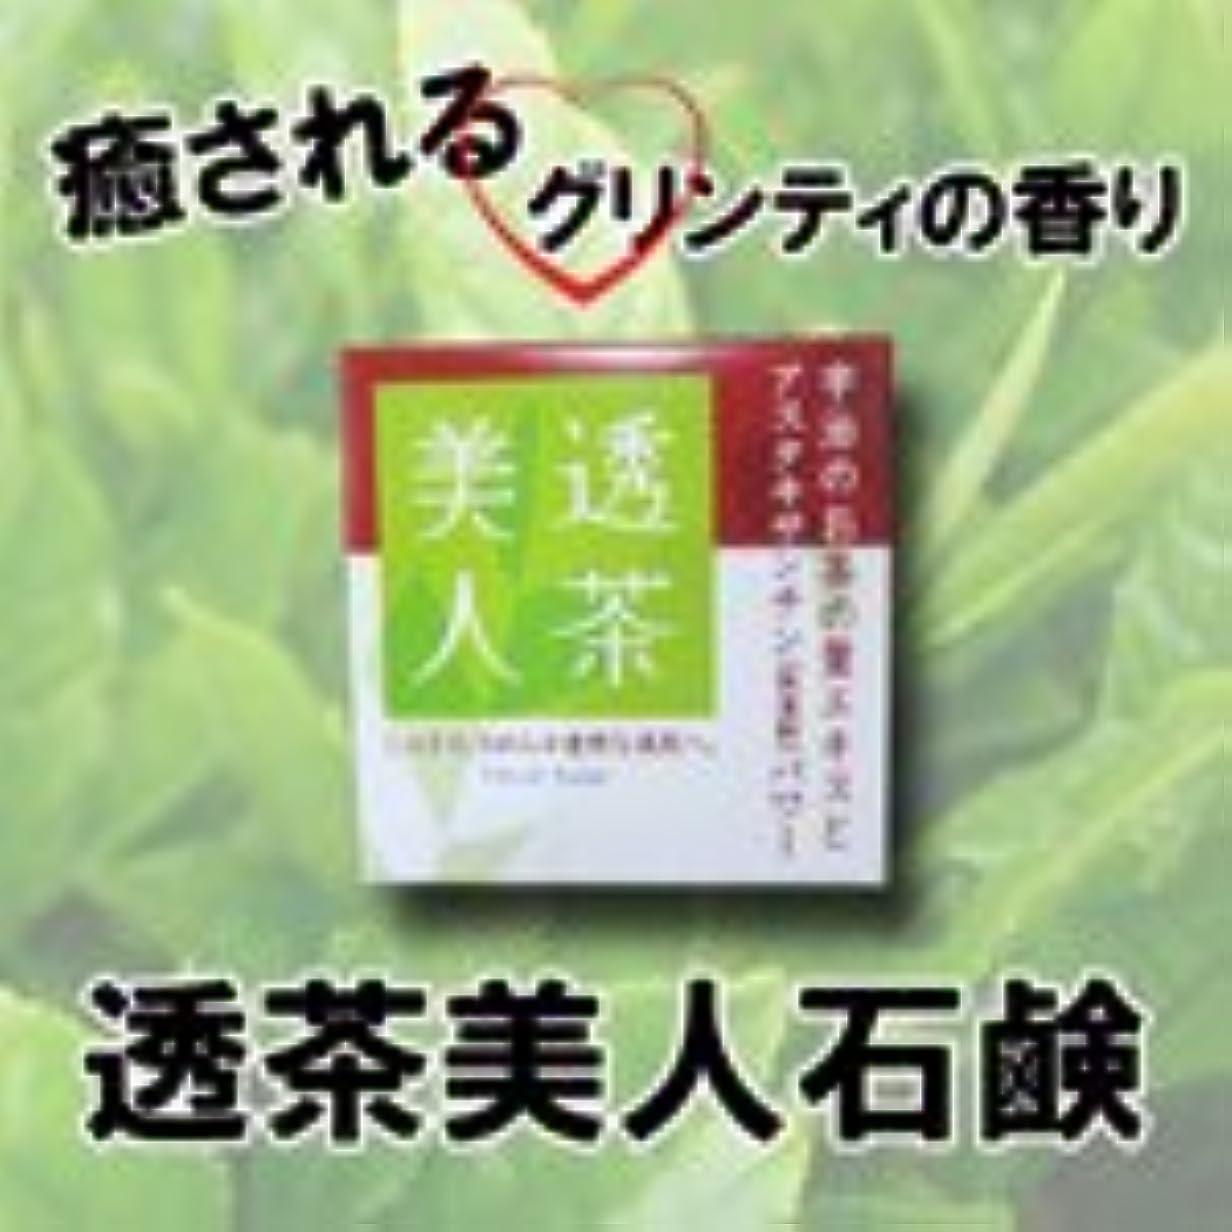 推定撃退する中に透茶美人石鹸 105g 【 レーヌ 】【アスタキサンチン 】